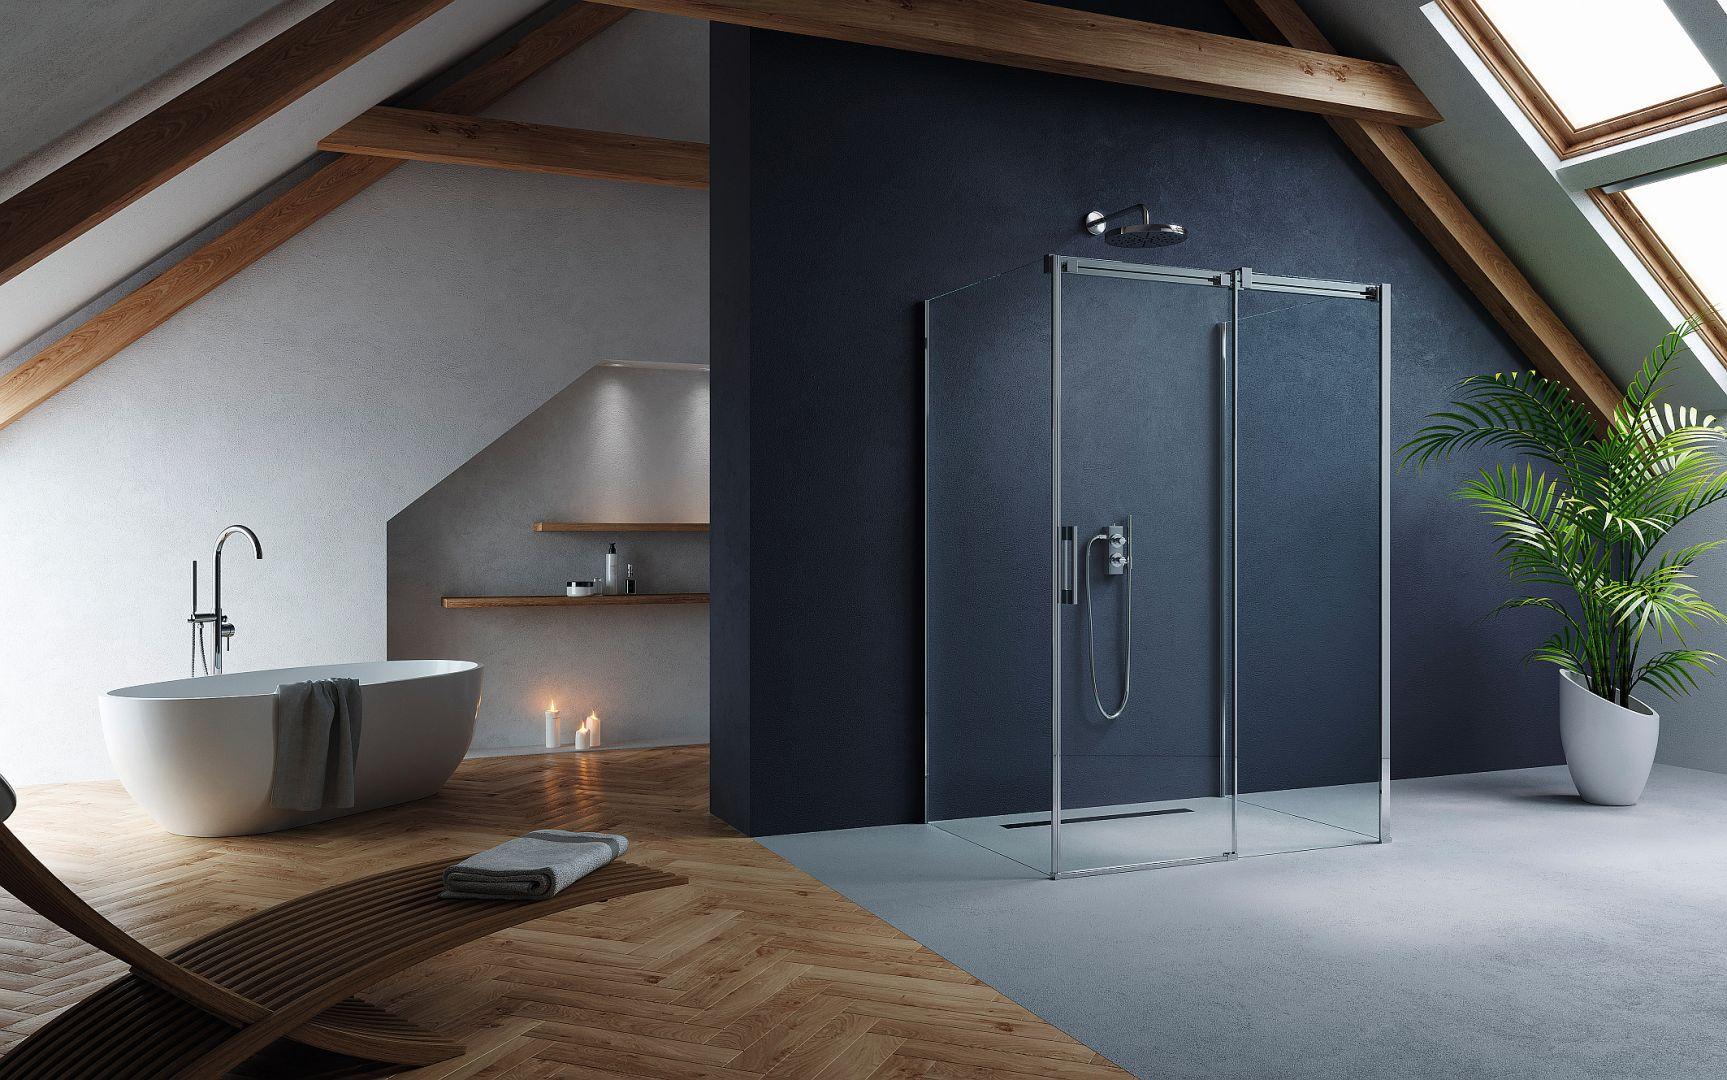 ESPERA KDJ -  to wynik designerskiego połączenia szkła z eleganckimi chromowanymi detalami. Przestronna kabina dla osób ceniących dobry design, które preferują geometryczne formy składające się w proporcjonalną całość. Radaway, www.radaway.pl